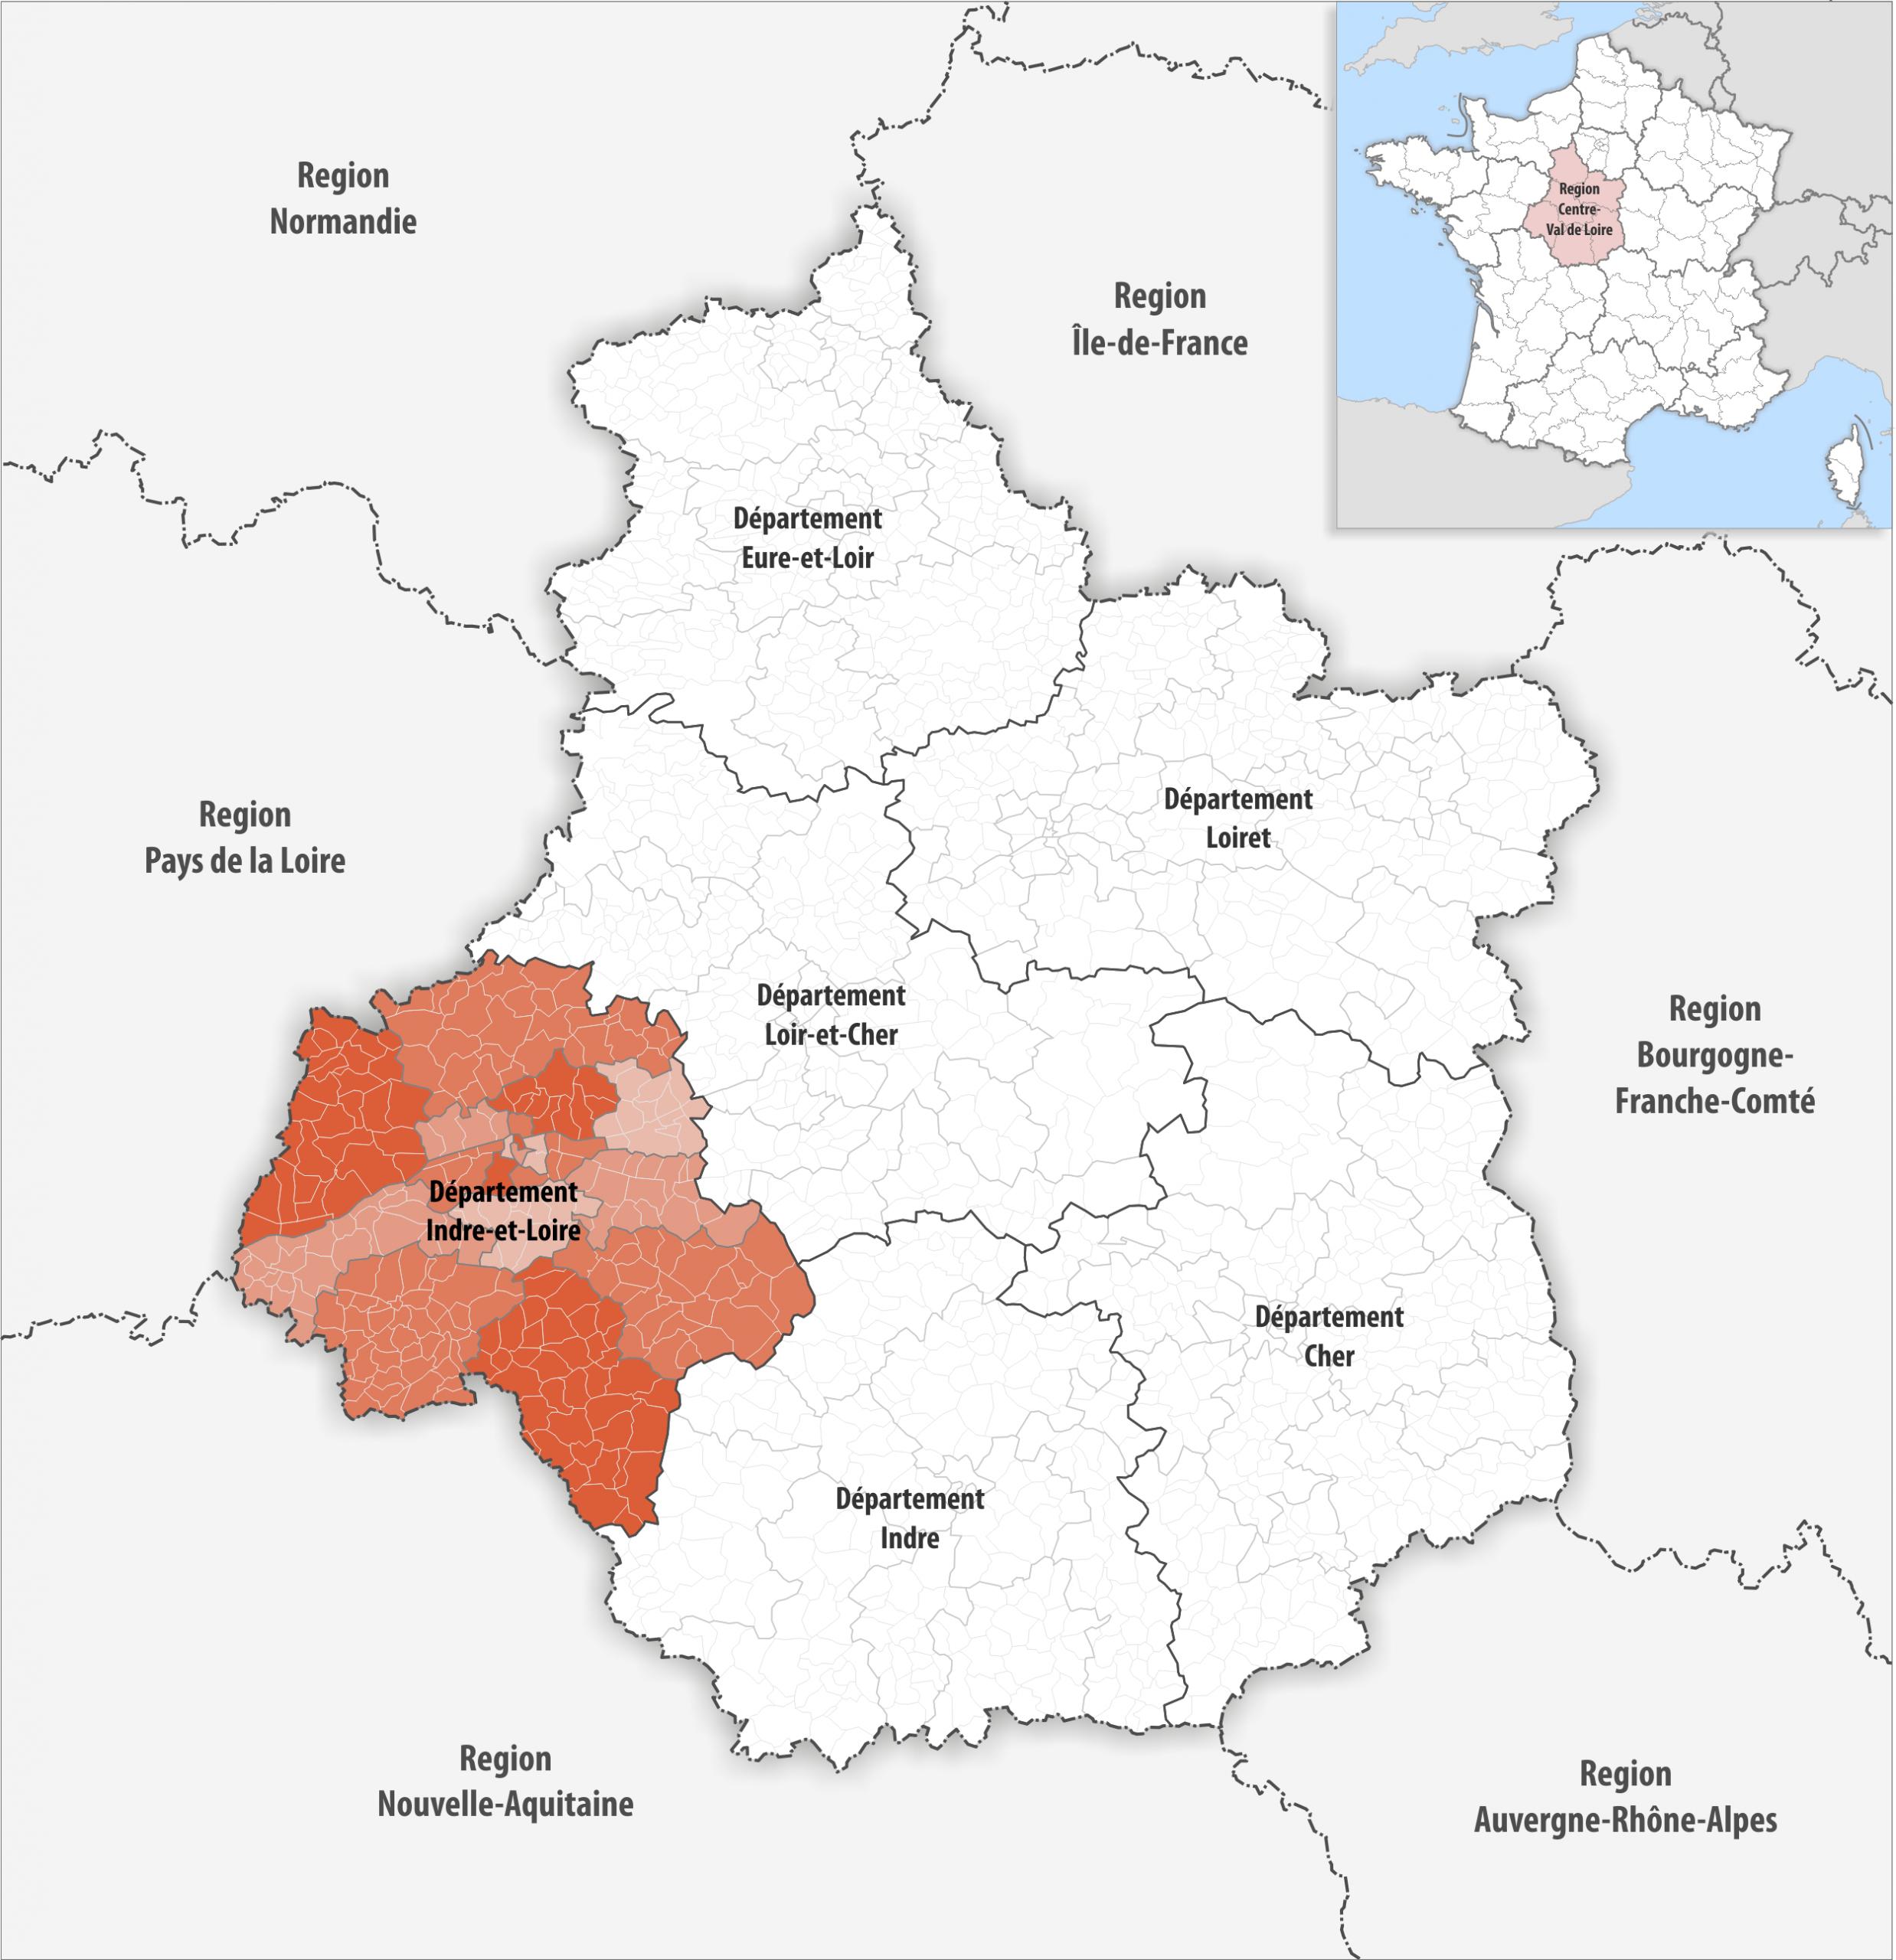 File:locator Map Of Departement Indre-Et-Loire 2018 tout Departement 22 Region